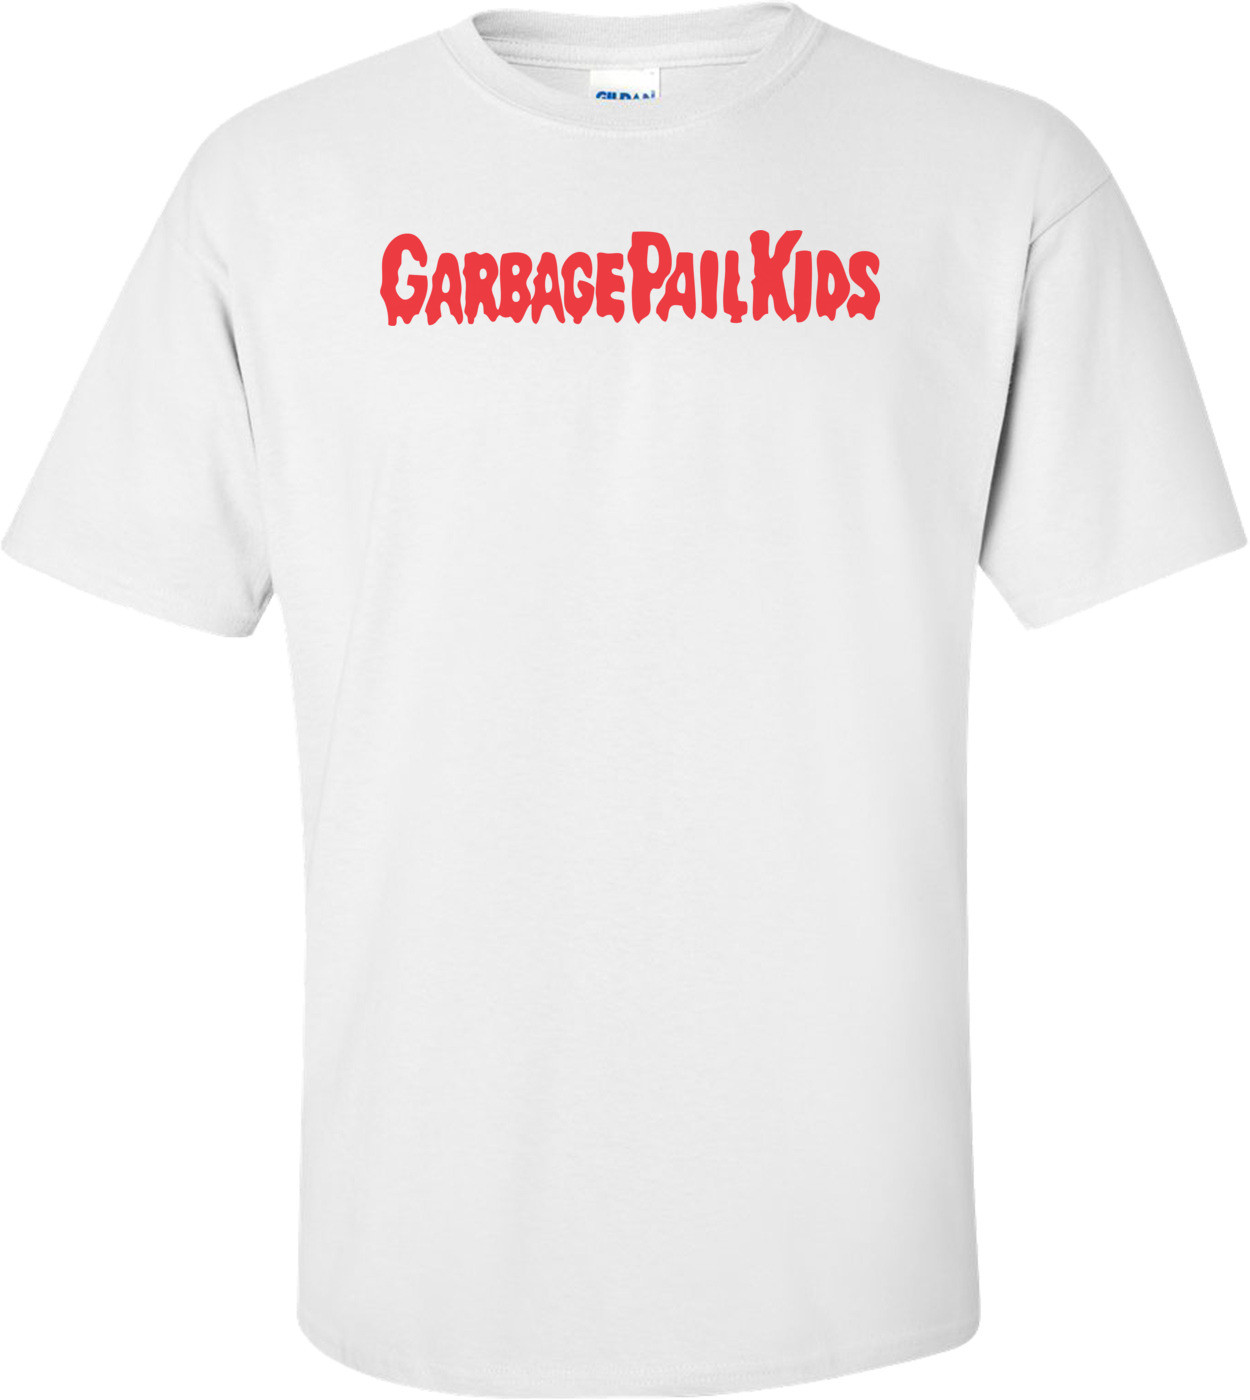 Garbage Pail Kids T-shirt